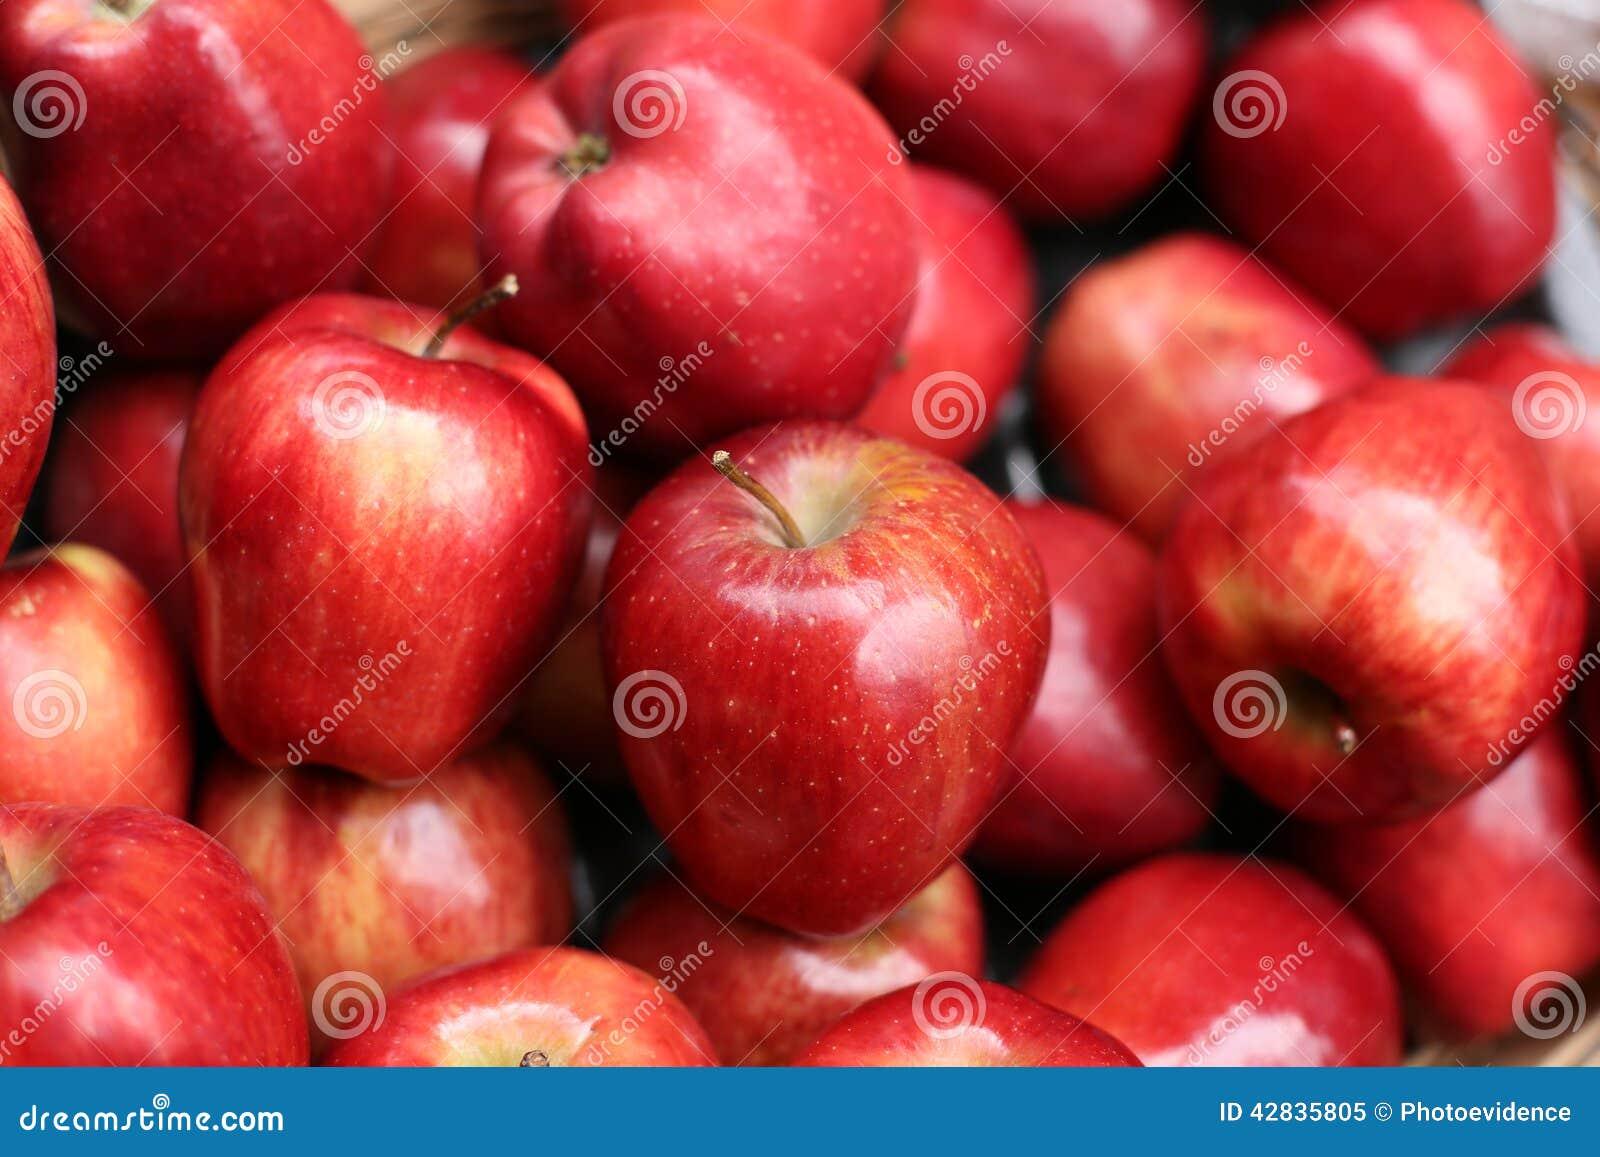 红色的苹果